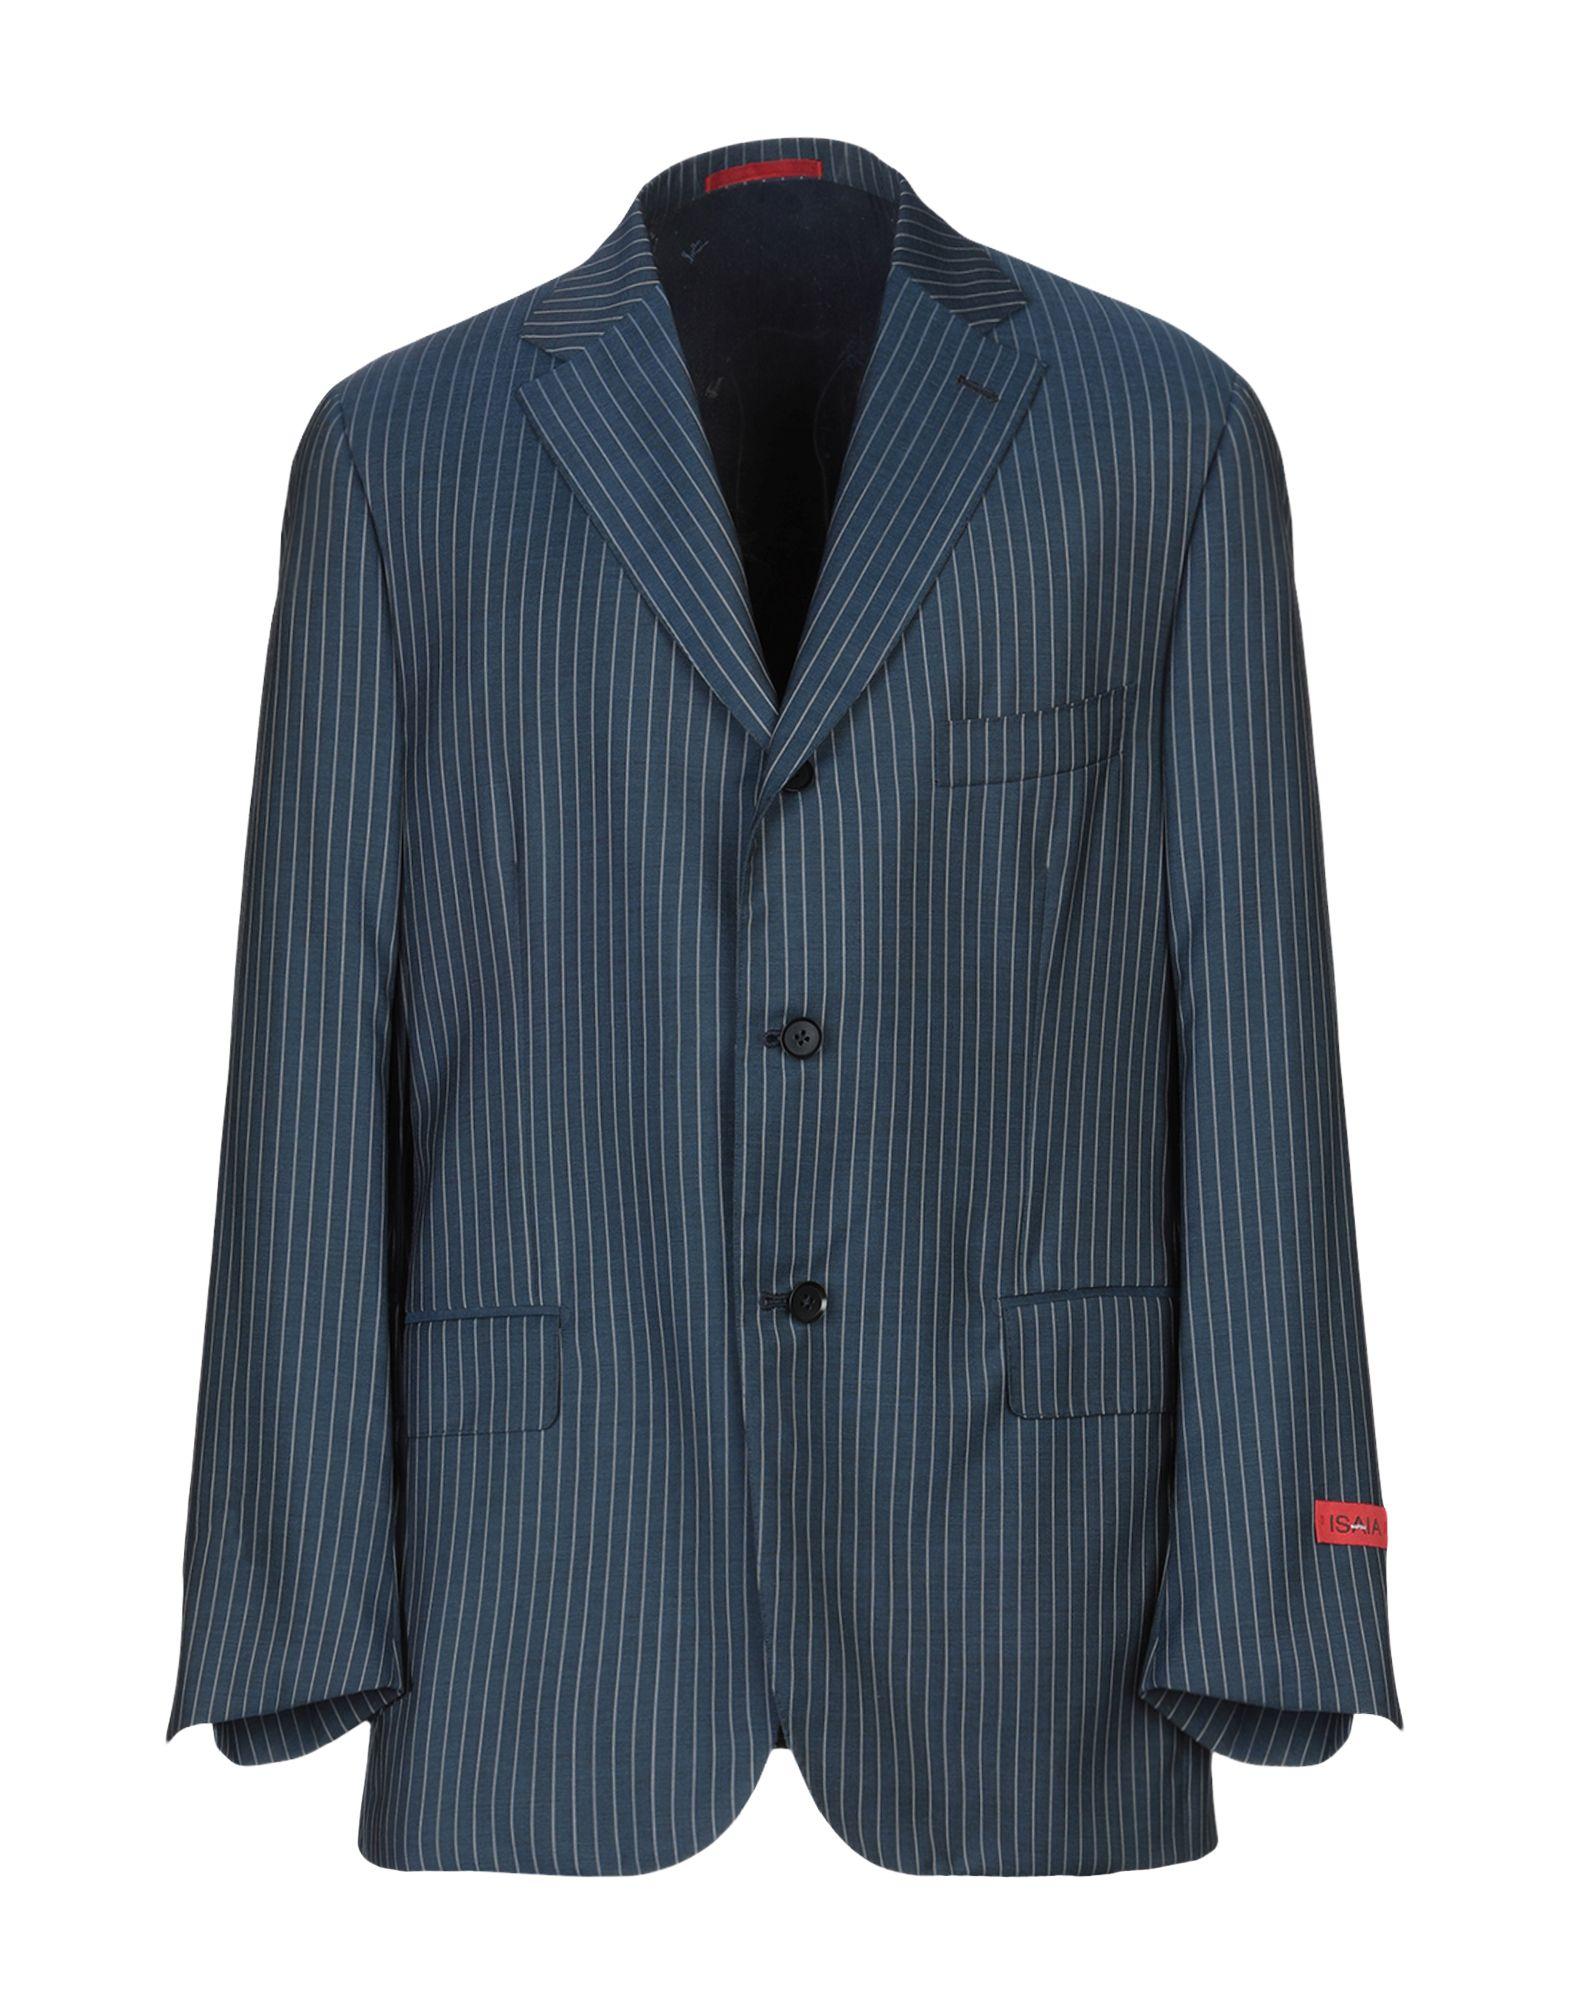 《送料無料》ISAIA メンズ テーラードジャケット ダークブルー 54 スーパー110 ウール 100%